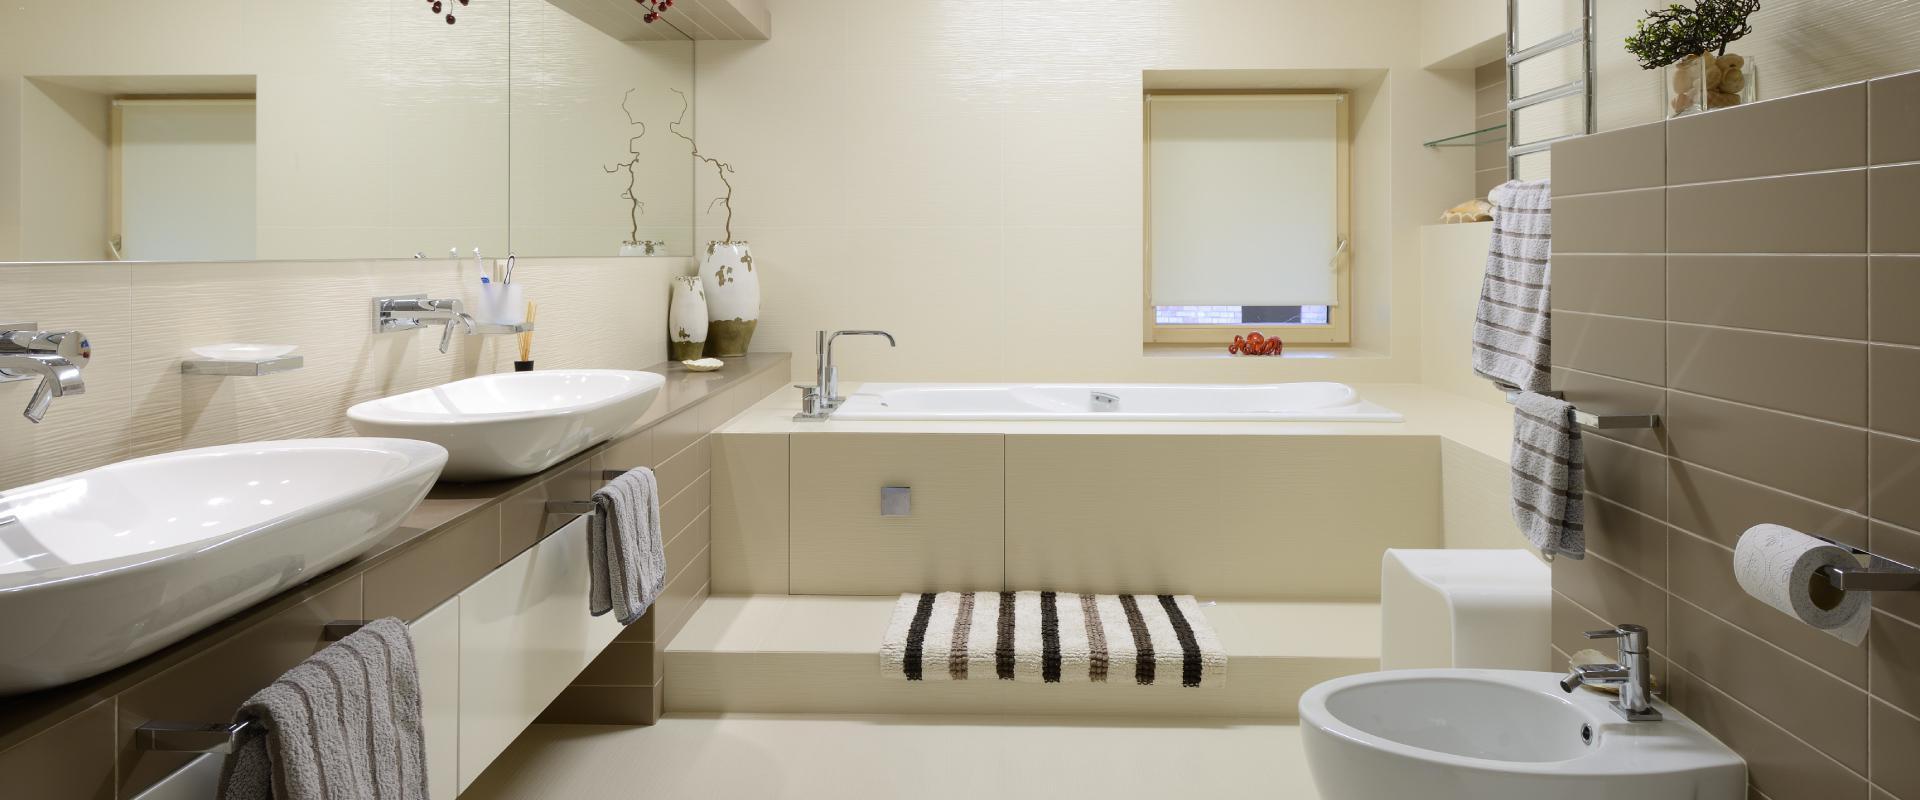 浴缸、洗手檯面找大眾浴室裝潢最划算